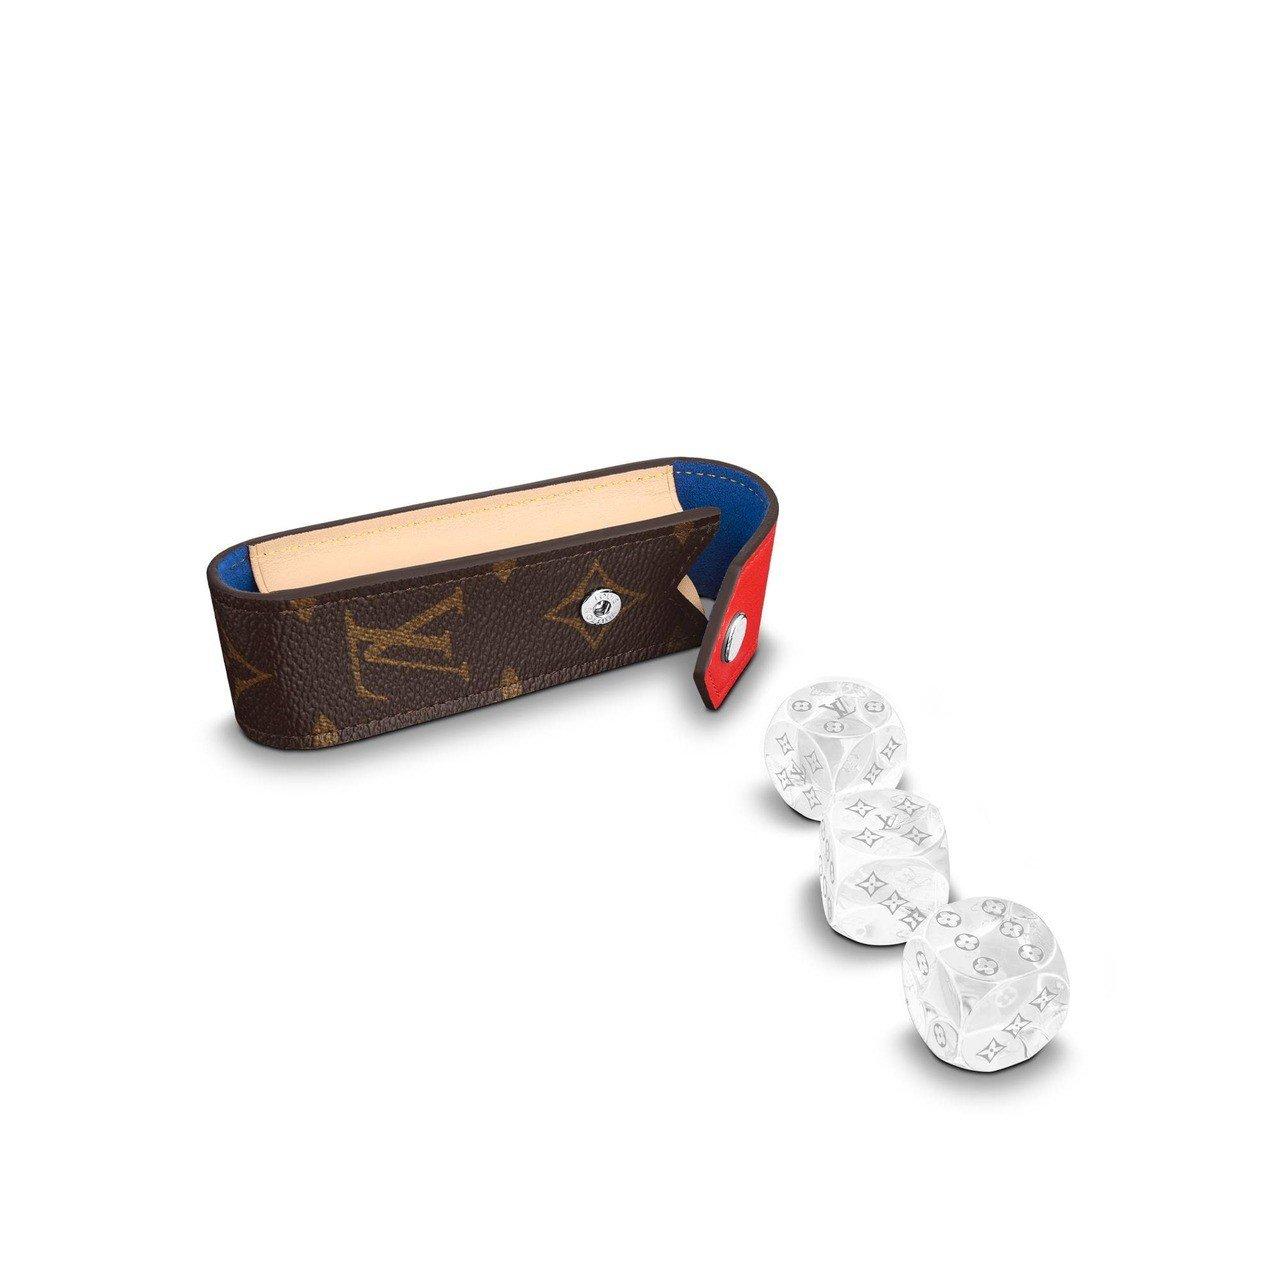 Steve骰子袋,售價18,300元。圖/取自官網